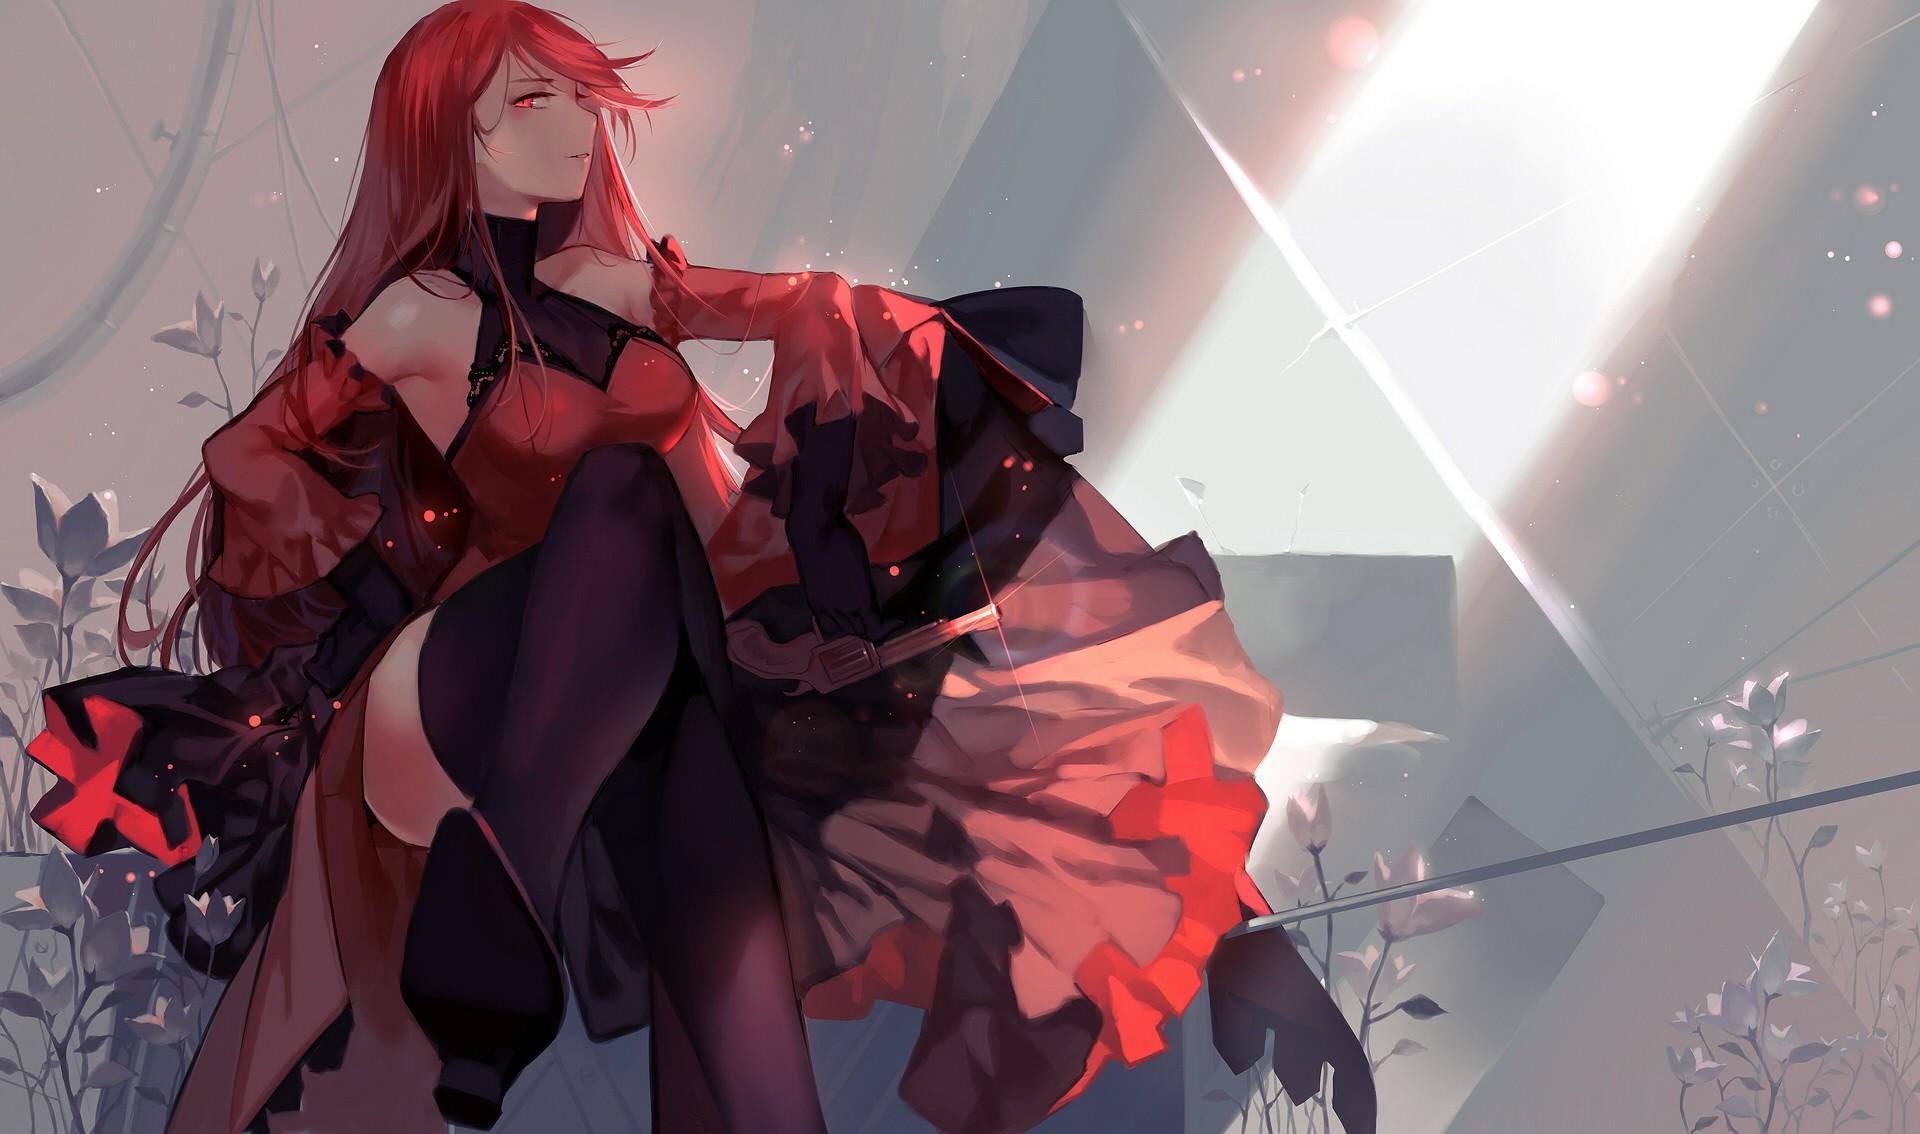 デスクトップ壁紙 コスプレ アニメの女の子 騎士 赤 Pixiv 衣類 コスチューム スクリーンショット パフォーマンスアート 19x1134 Ludendorf デスクトップ壁紙 Wallhere